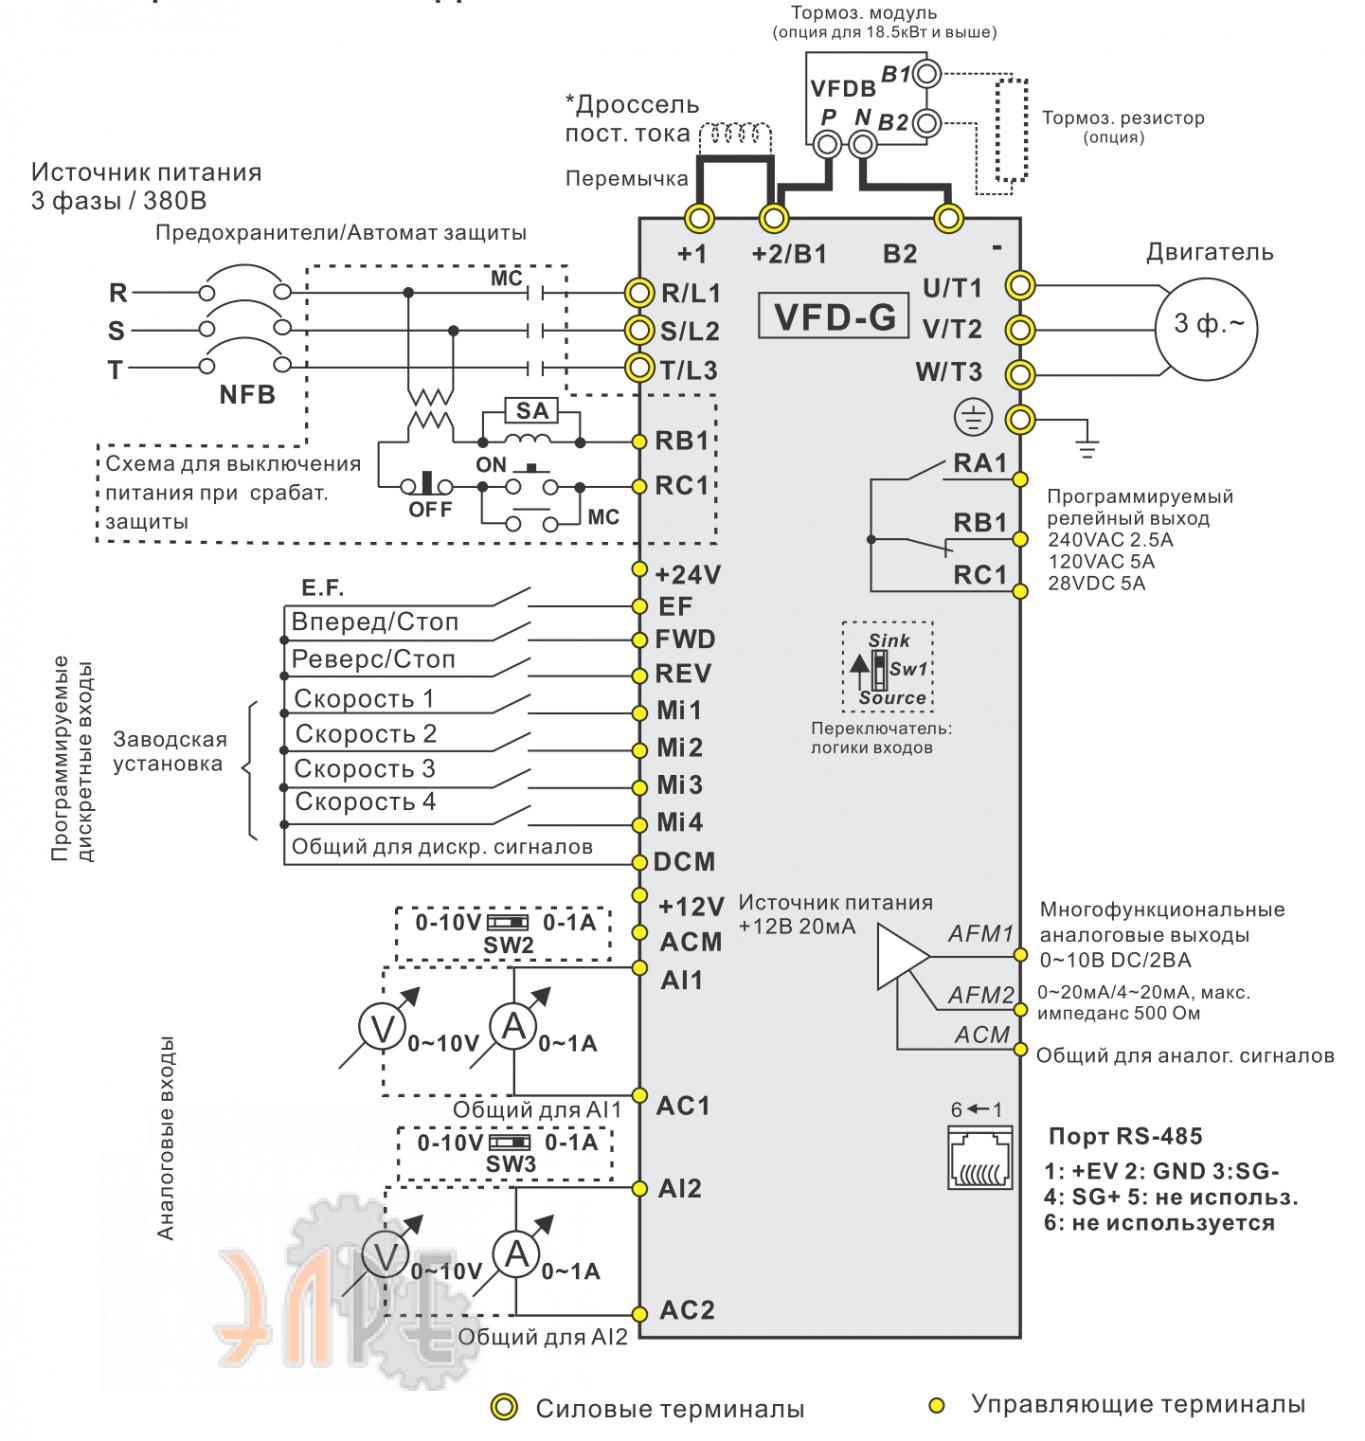 Схемы любительских частотных преобразователей» 13